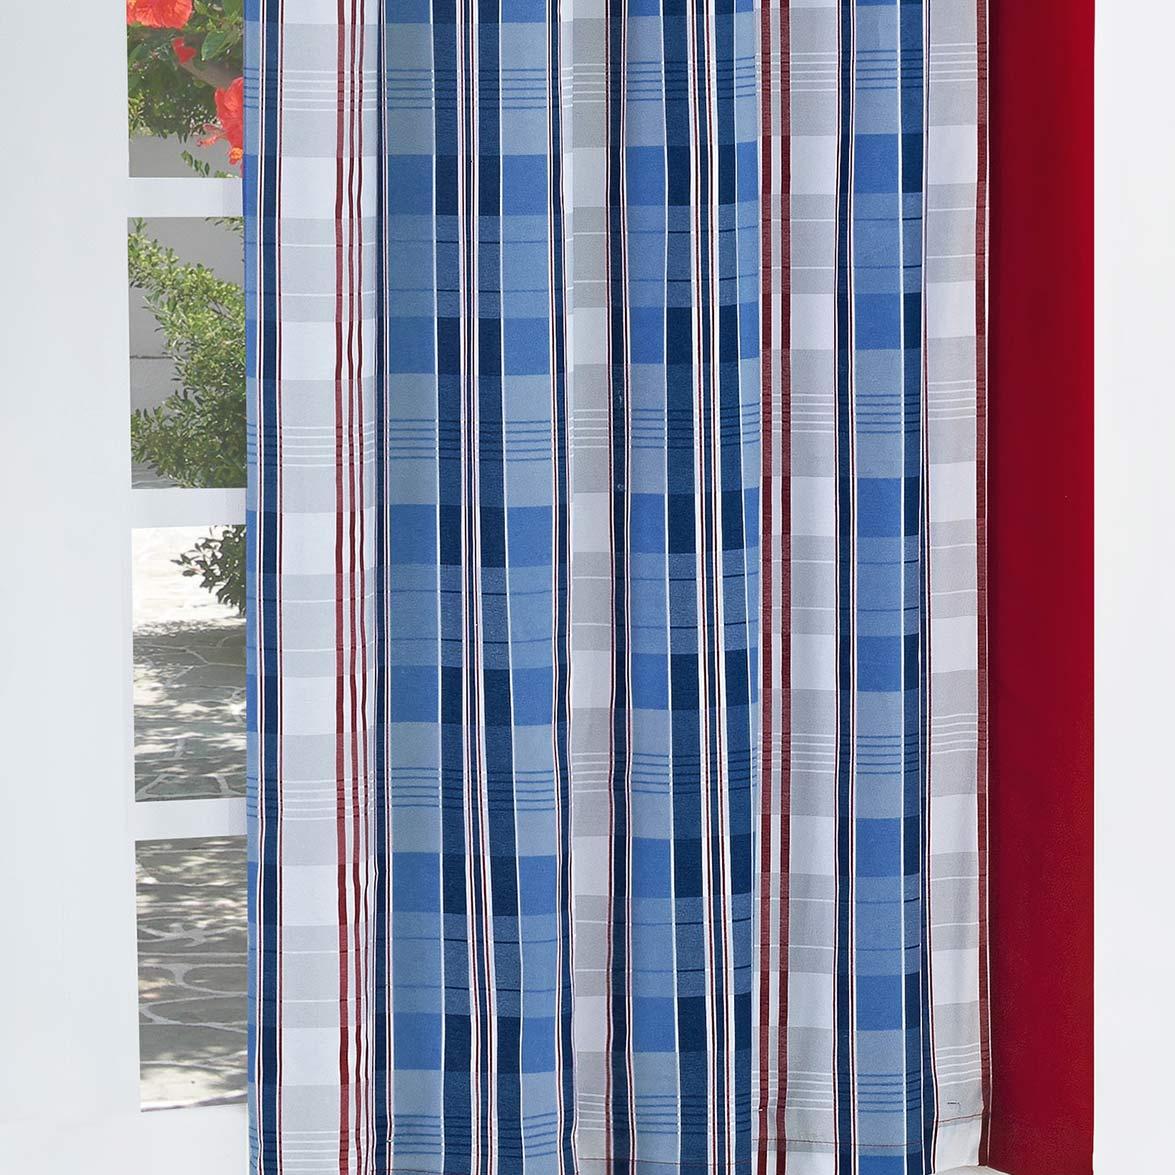 Cortina 2 metros America Estampado em Algodão e Poliéster com 1 peça